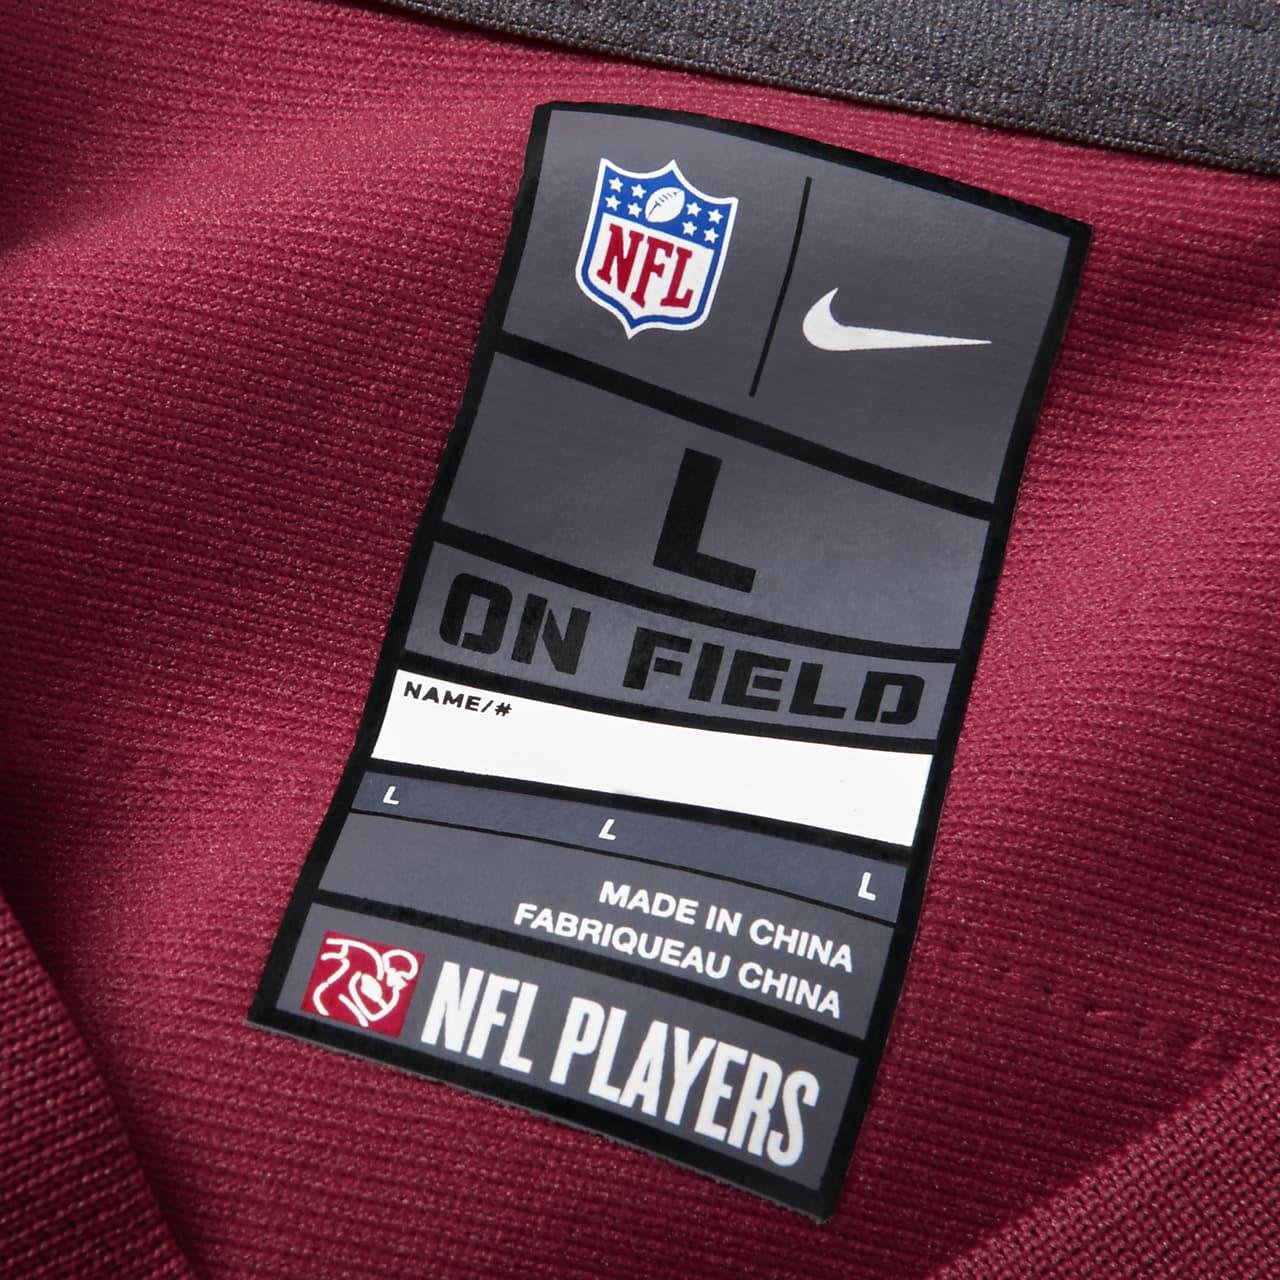 Football Sportswear NCNC #11 Arizona Cardinals Fitzgerald Rugby Trikots f/ür Herren S-XXXL American Football T-Shirt